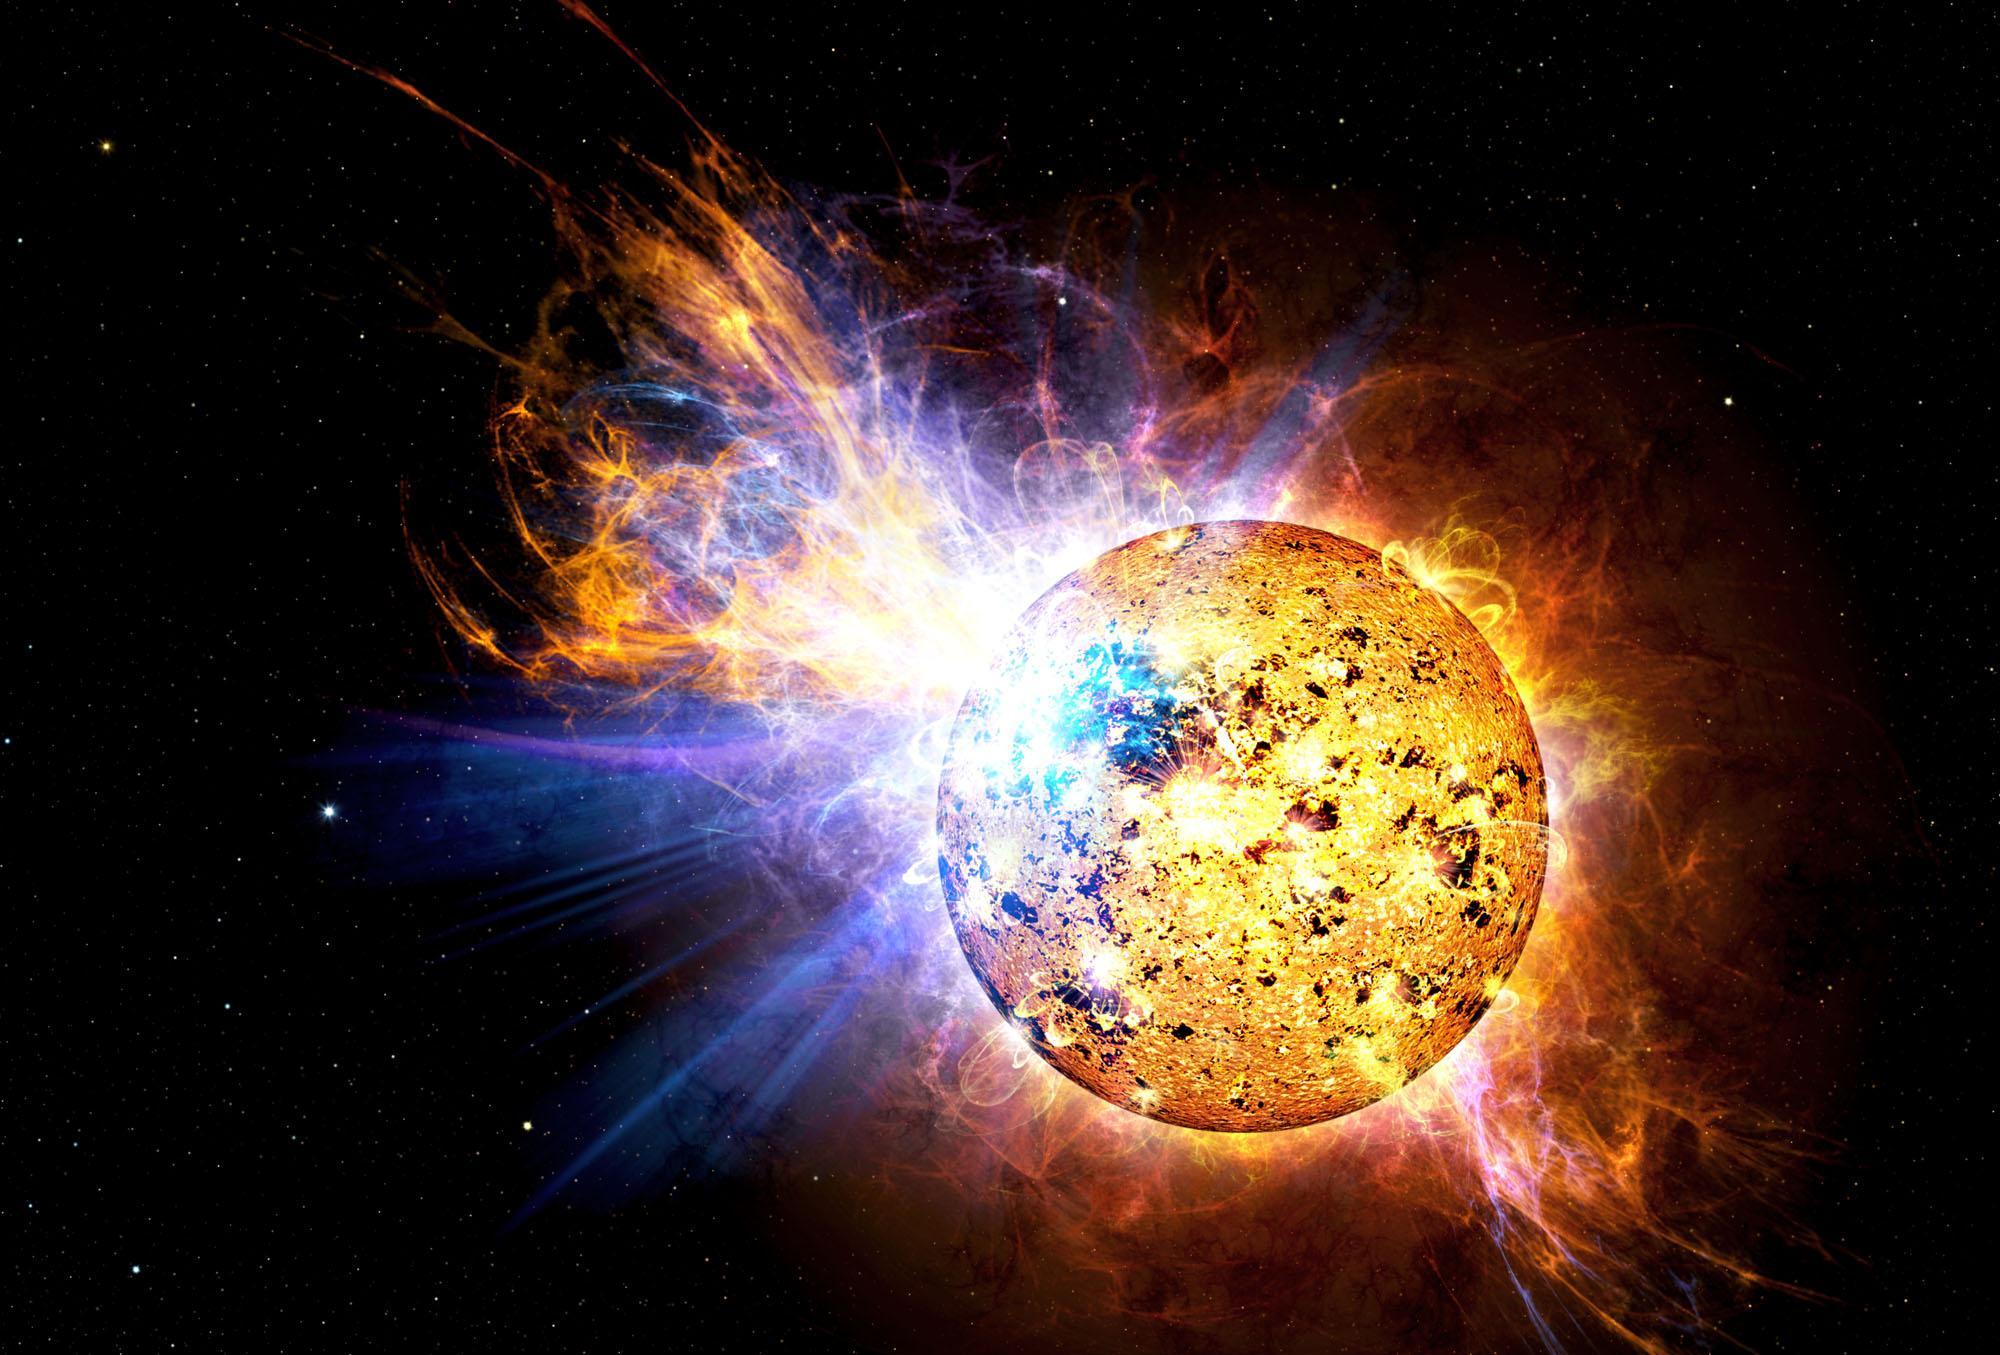 228177main_Red-Dwarf-Flare-Full_full.jpg